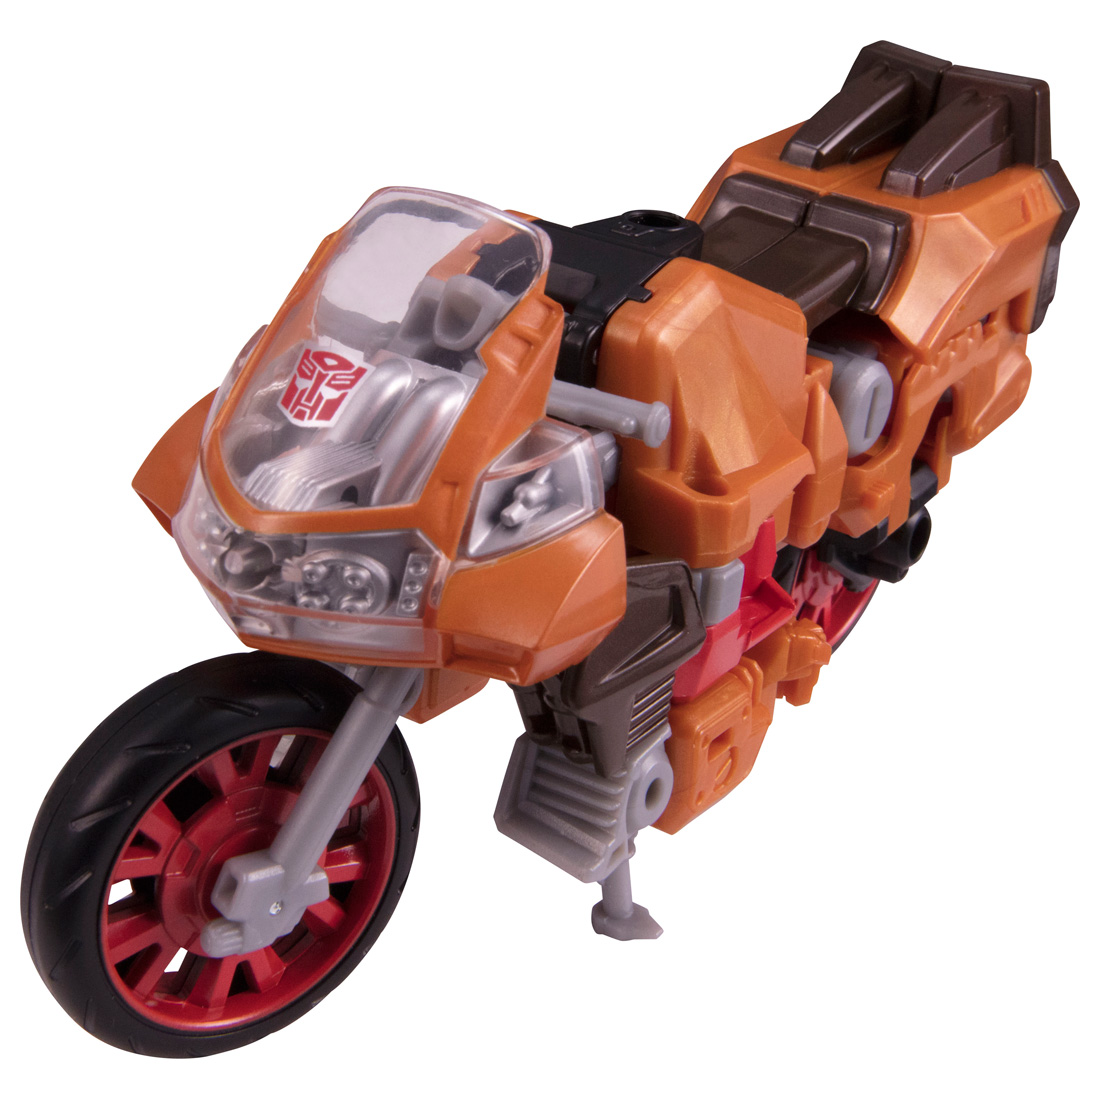 トランスフォーマー パワーオブザプライム『PP-41 レックガー』可変可動フィギュア-002